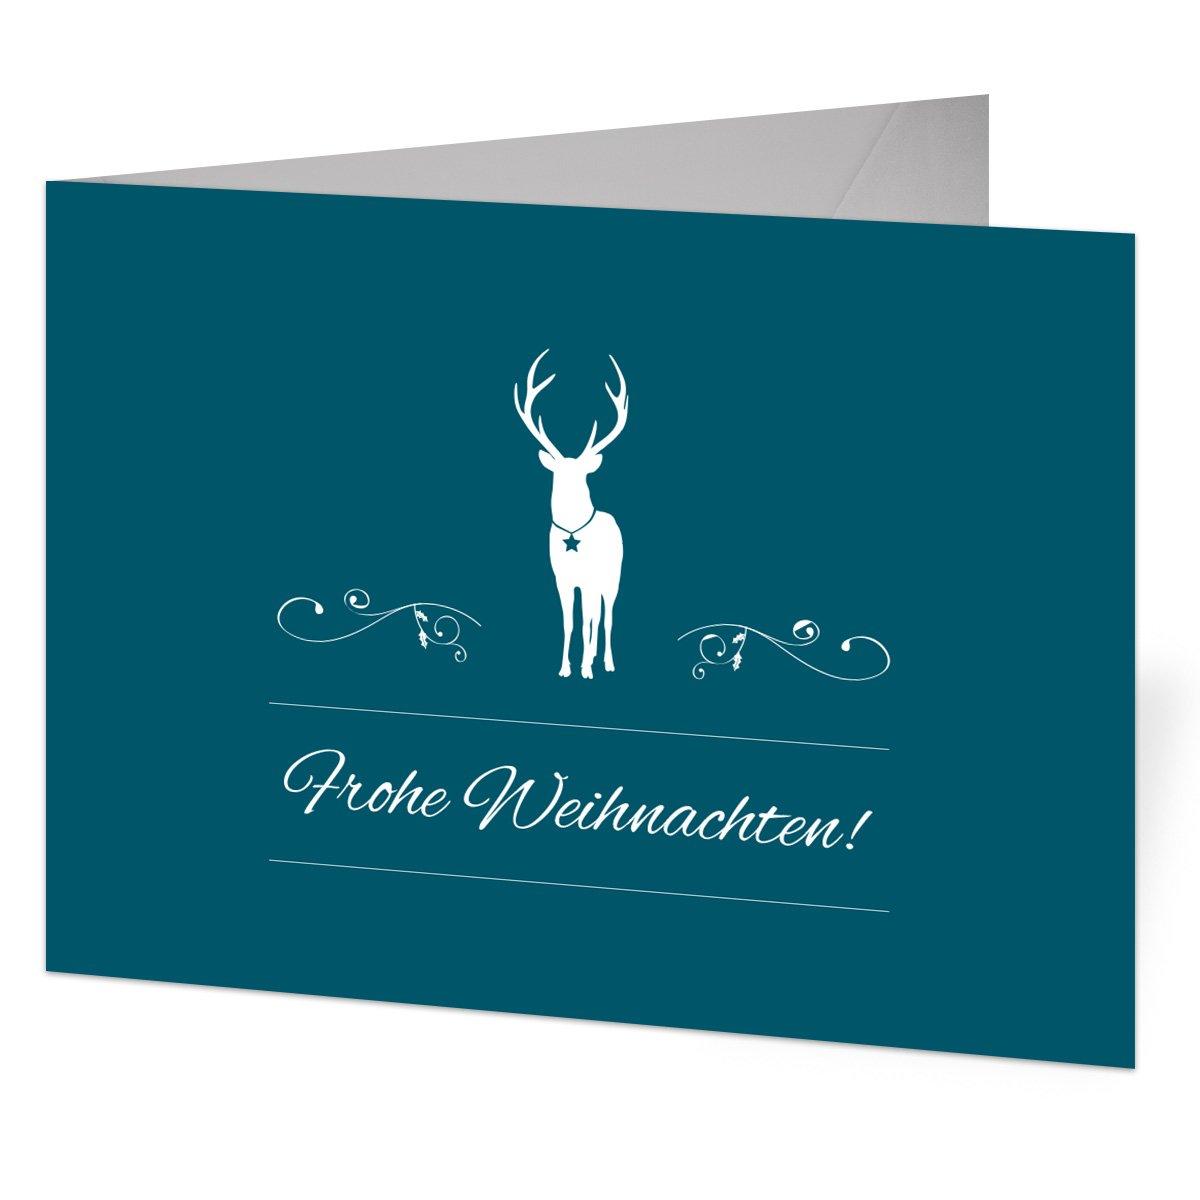 Firmen Firmen Firmen Weihnachtskarten (60 Stück) - Rentier in Blau als Foto Klappkarten B01LXS13E2 | Moderne und elegante Mode  | Outlet Store  | Erste Kunden Eine Vollständige Palette Von Spezifikationen  d81af5